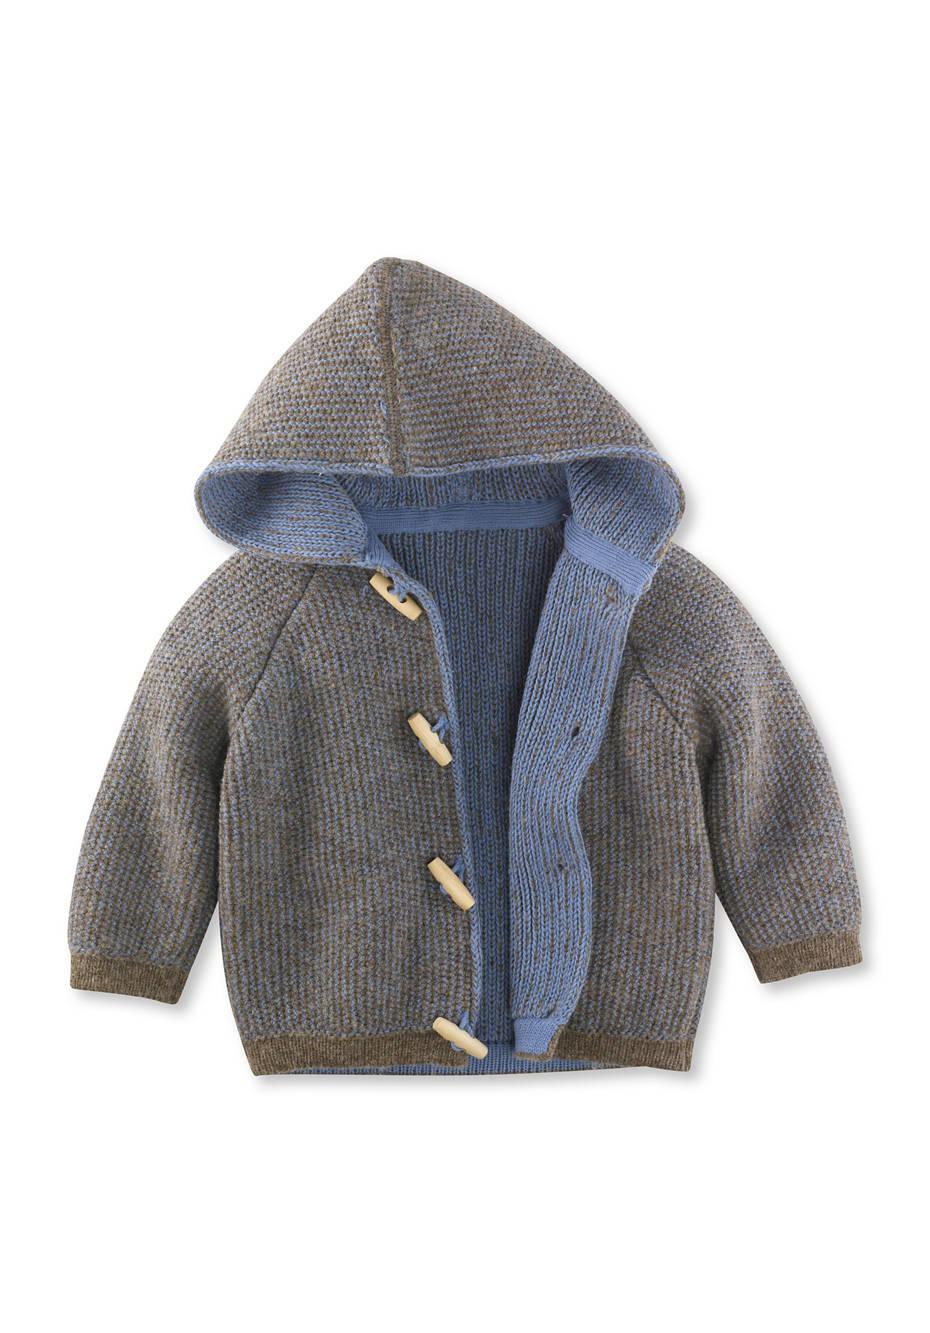 Strickjacke aus Schurwolle und Baumwolle